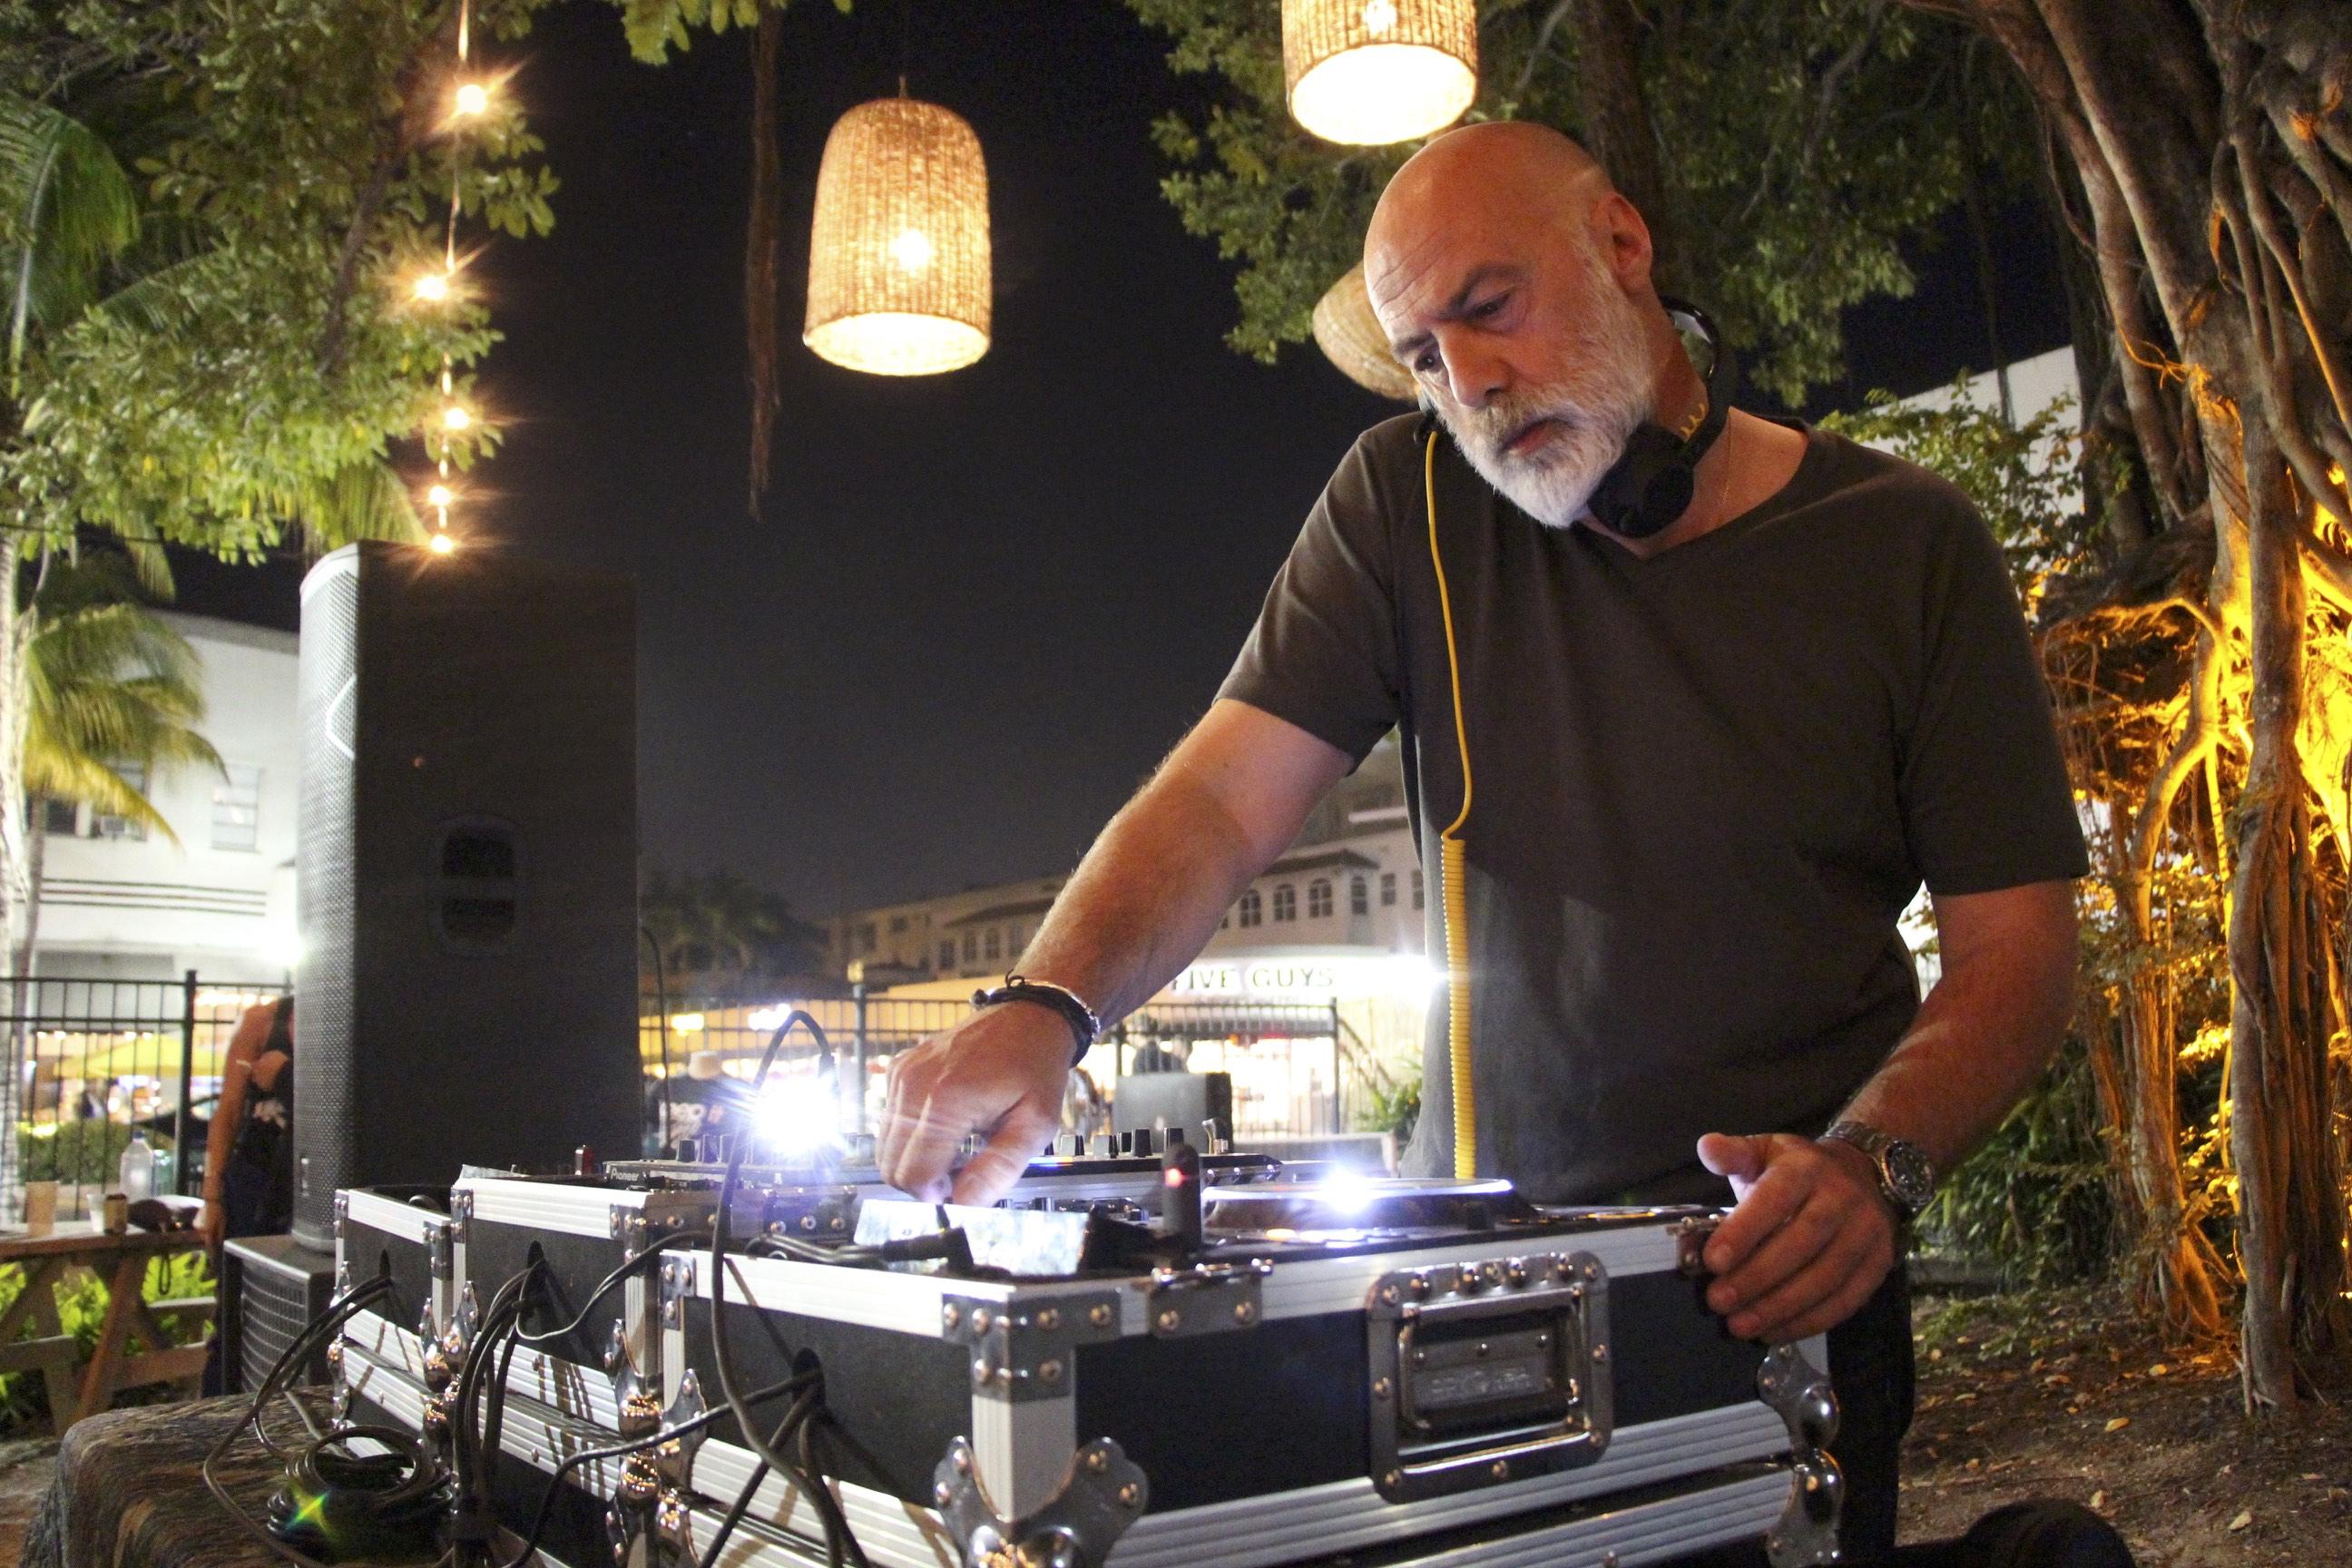 Paolo Albertoni DJ